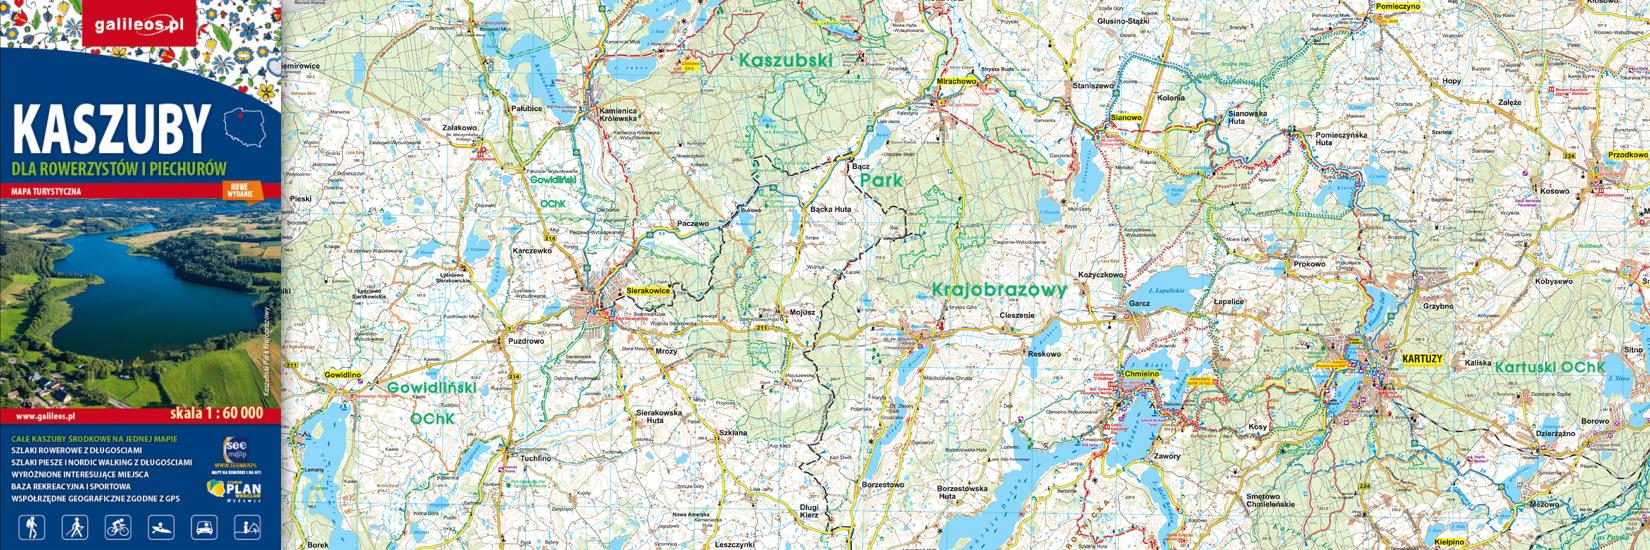 <i class='fa fa-link'></i> <a title='Przejdź do artykułu' href='https://www.plan.pl/nowosci-wydawnicze/kaszuby-dla-rowerzystow-i-piechurow/'>Kaszuby dla rowerzystów i piechurów</a>